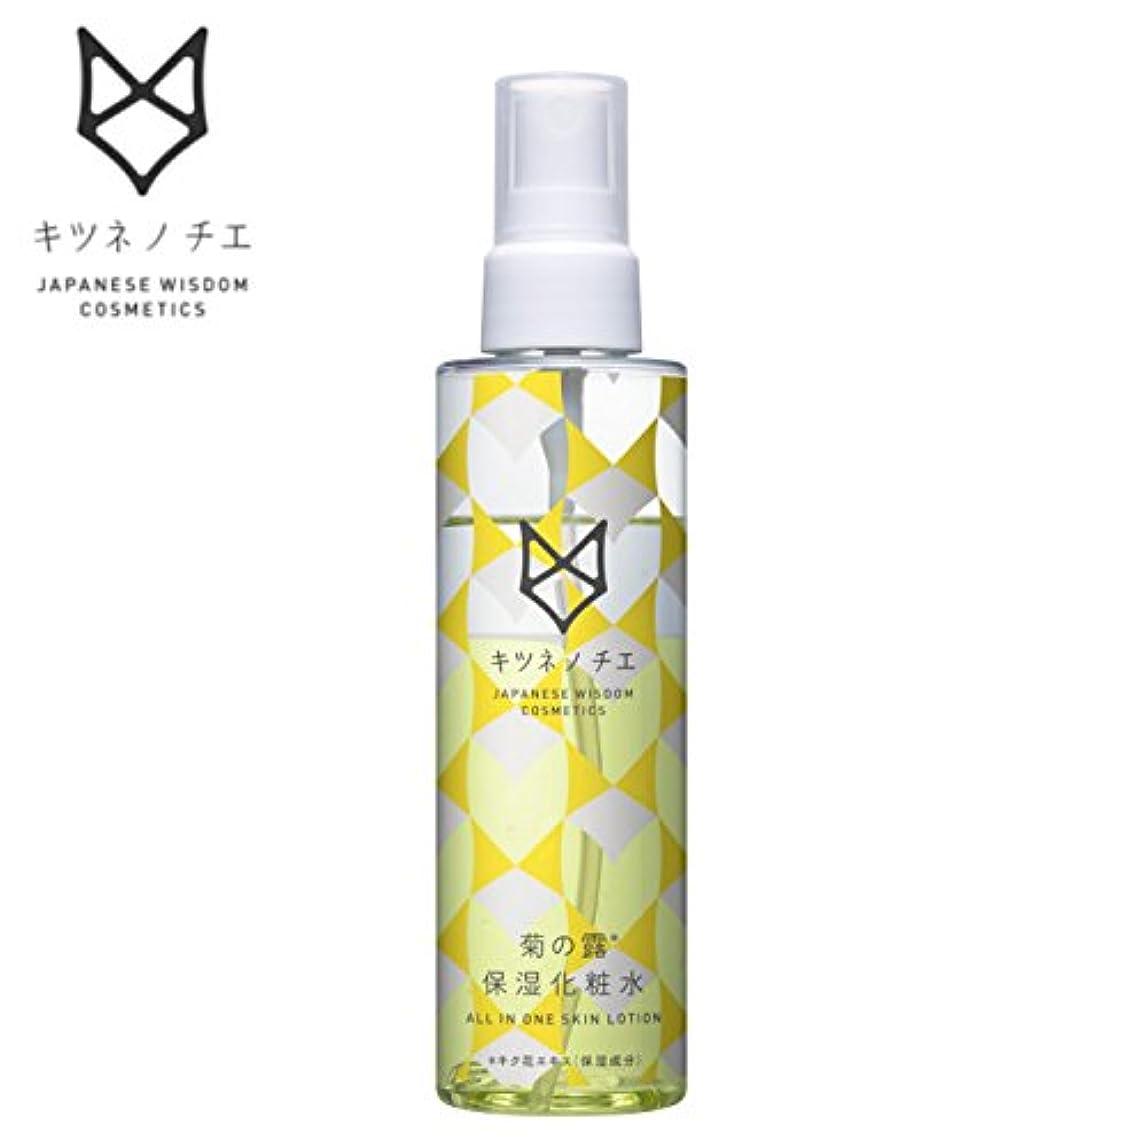 自宅でエピソードプットキツネノチエ 菊の露 保湿化粧水